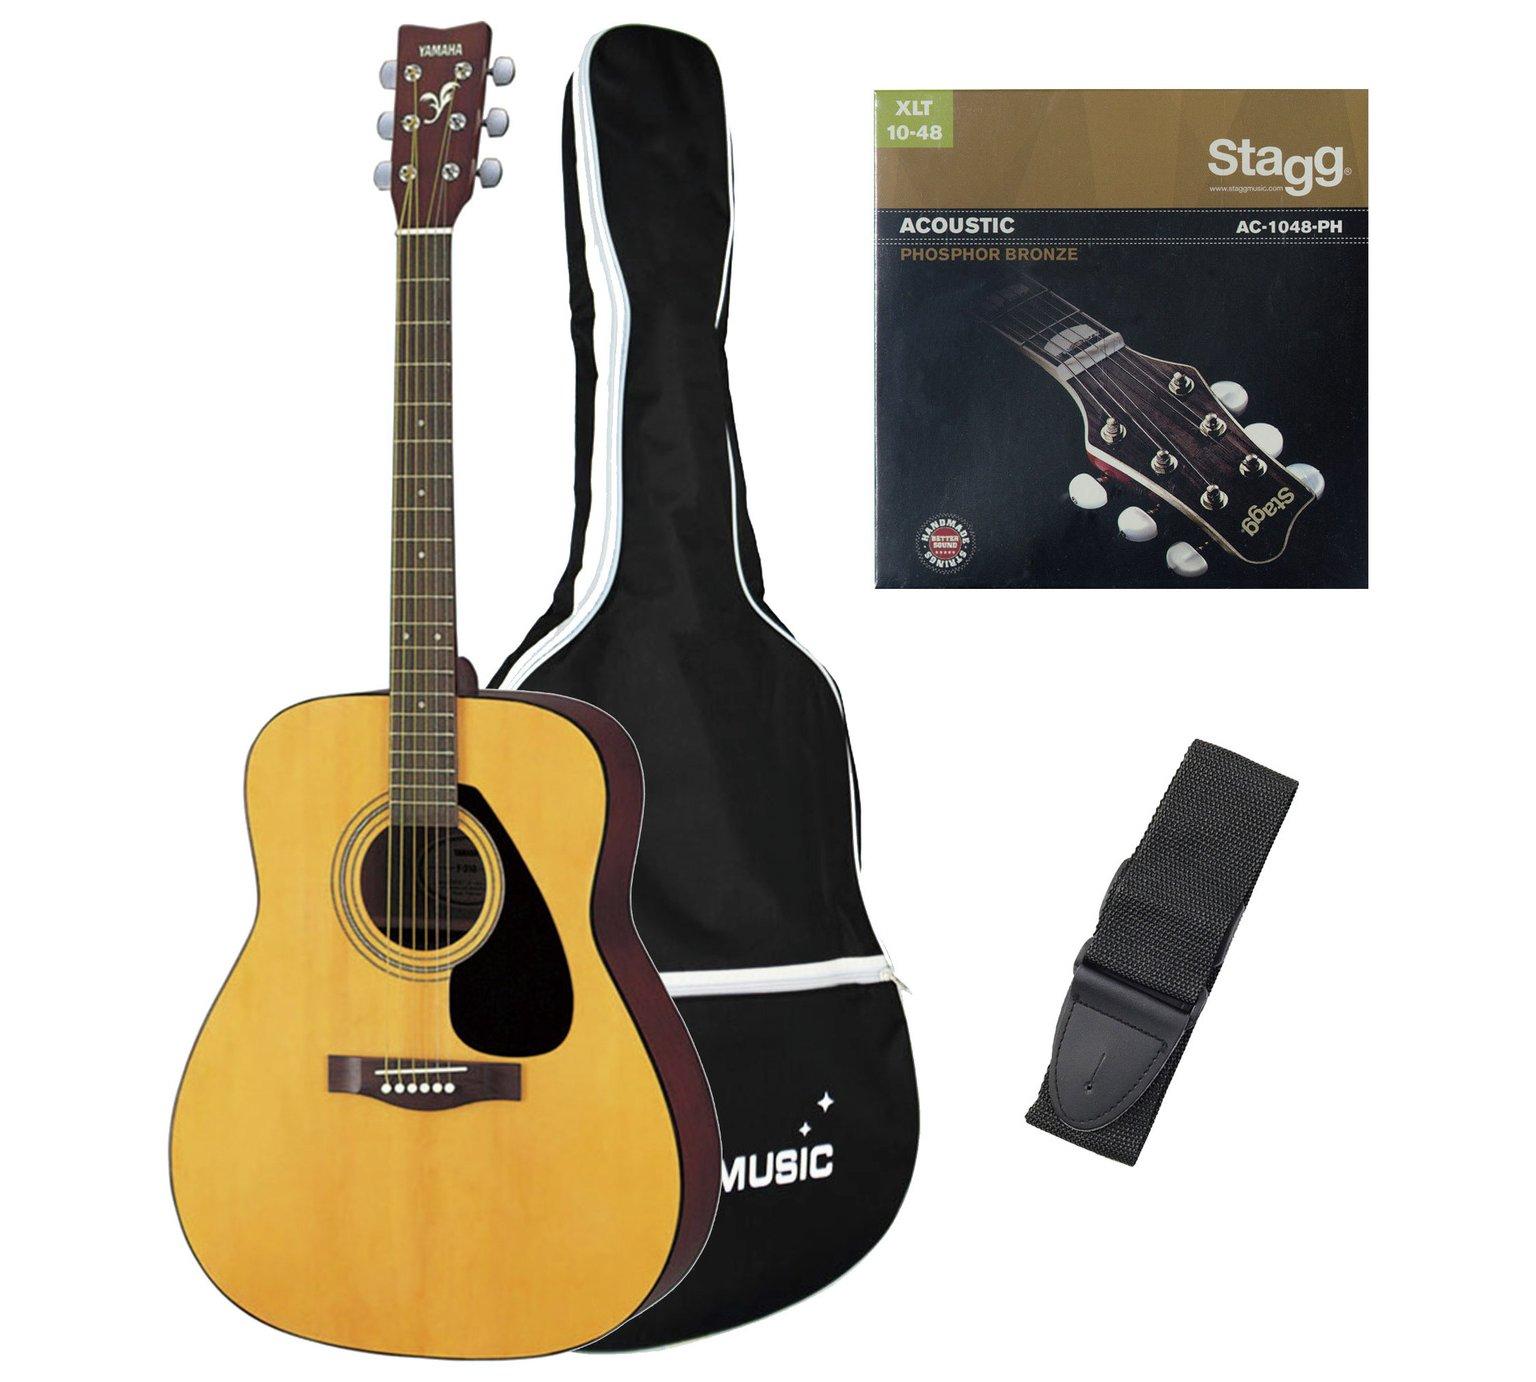 Yamaha F310 Entry Level Guitar - Natural